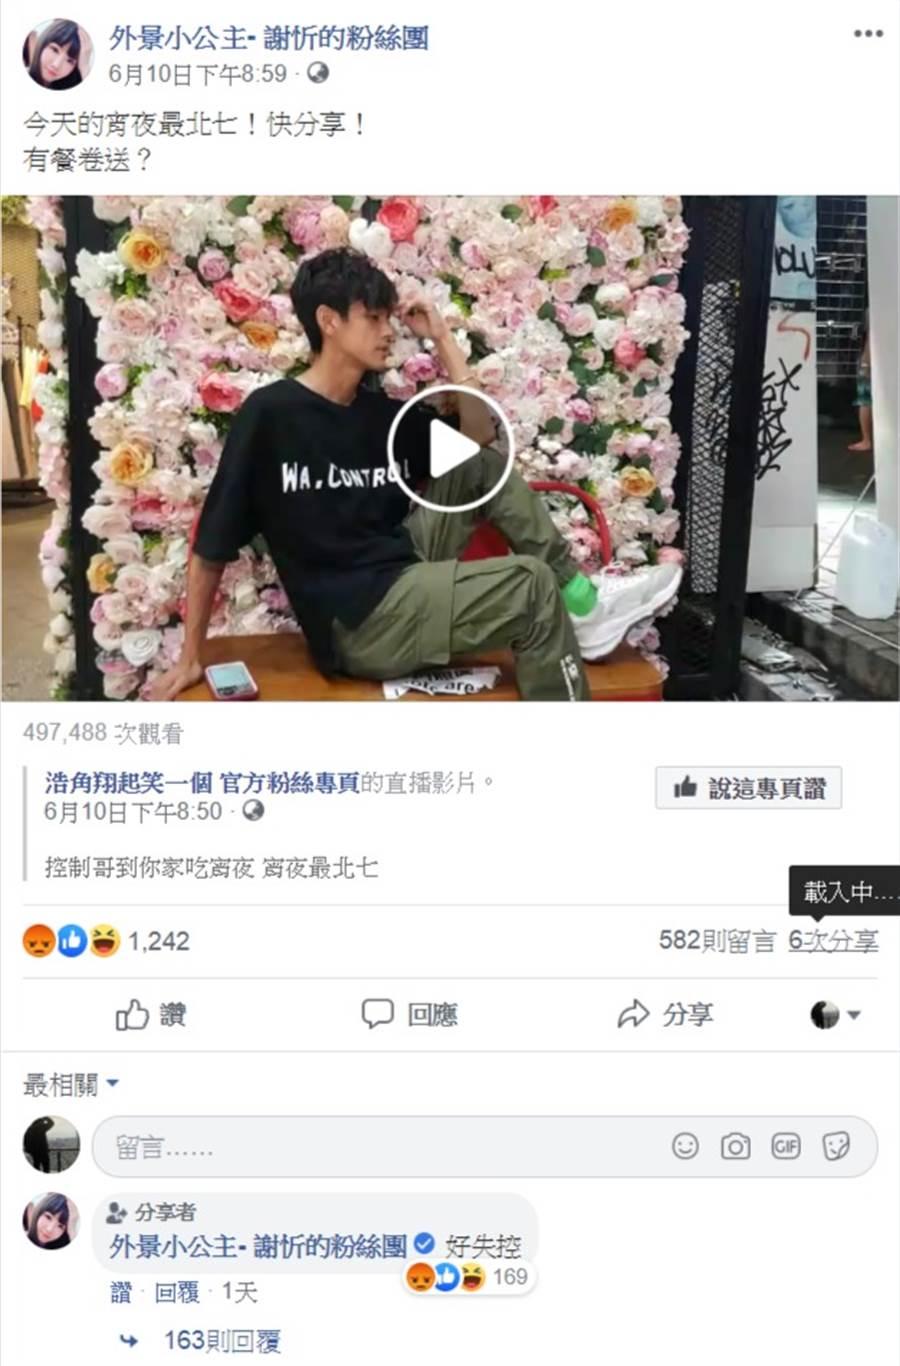 謝忻分享阿翔直播,留言說「好失控」,讓網友笑翻,表示不知道誰比較失控 (圖/翻攝自臉書)